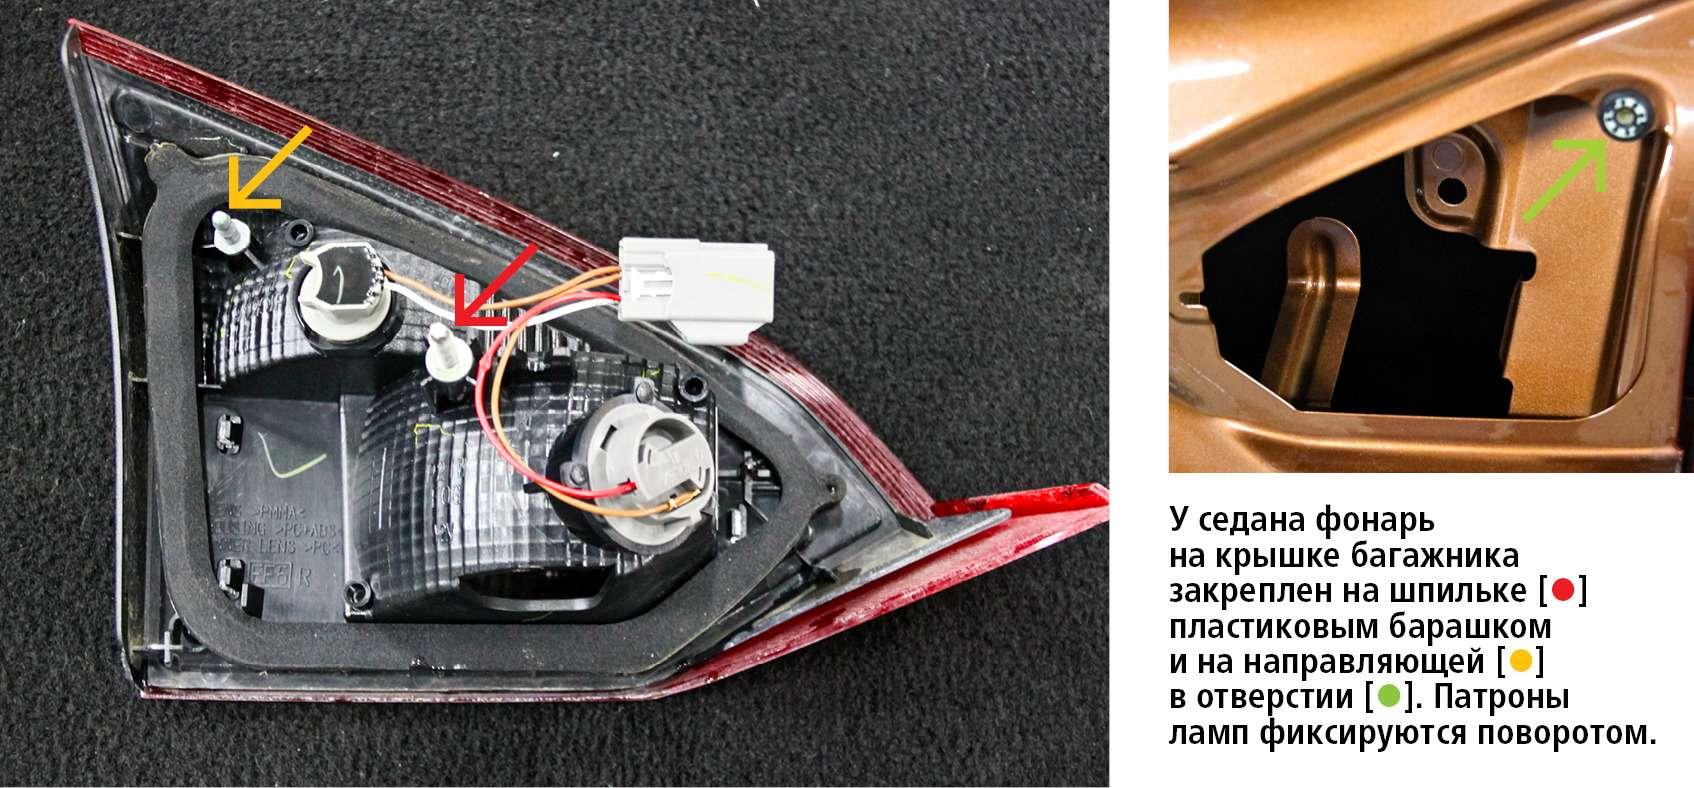 Ford Fiesta: проверка наремонтопригодность— фото 610321